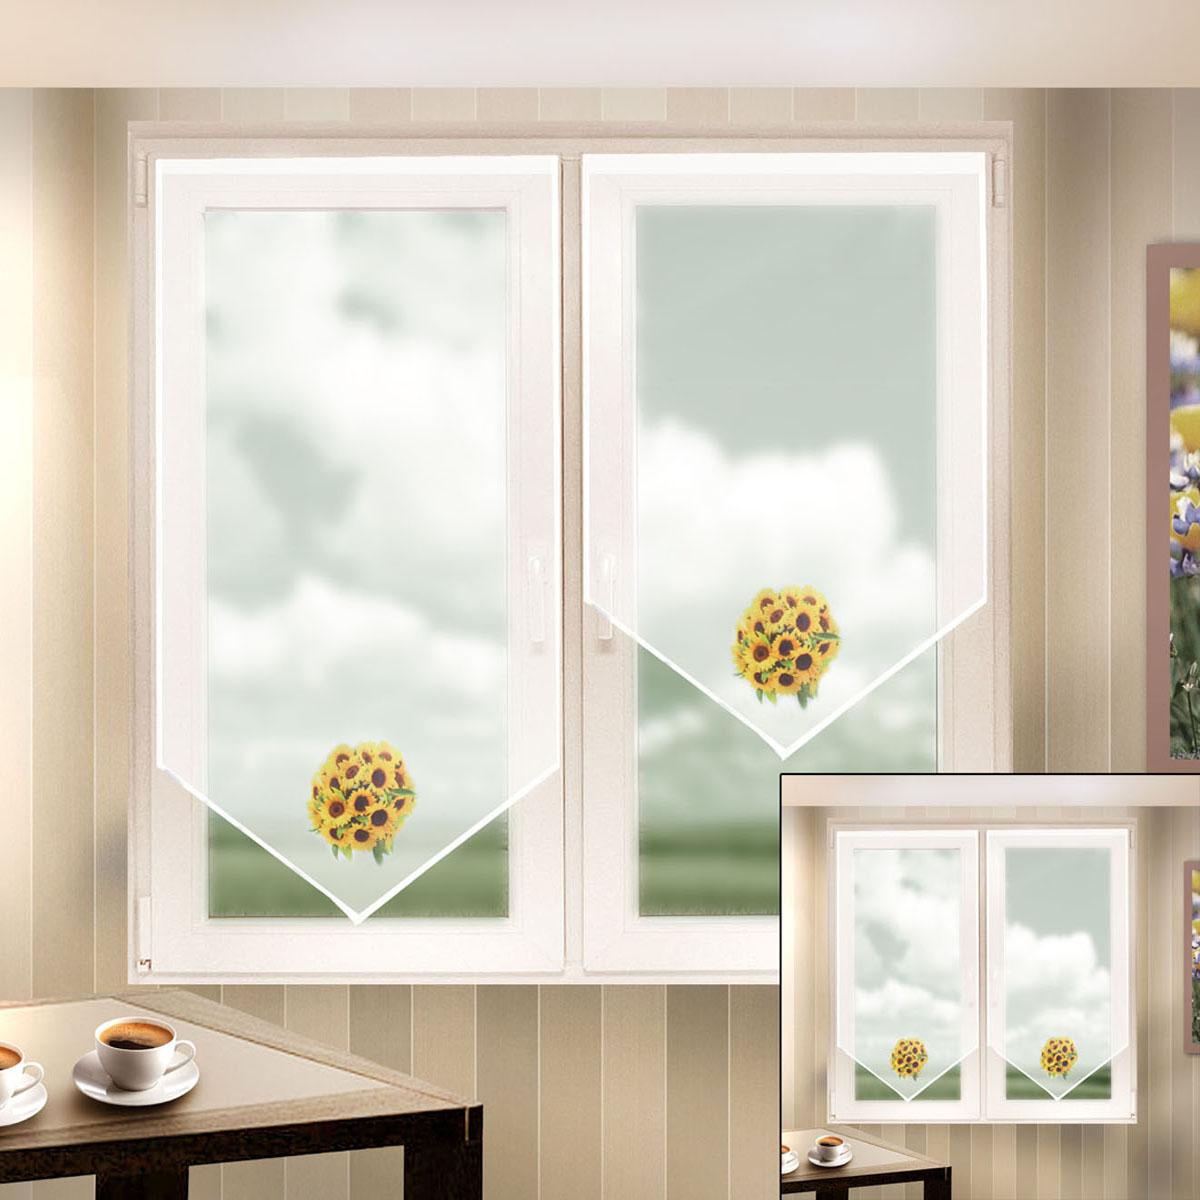 Гардина Zlata Korunka, цвет: белый, высота 120 см. 666058-2790009Шторы из материала вуаль, для кухни, белого цвета с печатным рисунком. Крепление на липкой ленте, не требующее сверления стен и карниза. Многоразовое и мгновенное крепление. Штора - шир.60 х выс.120; Штора - шир.60 х выс.90Размеры: ширина 60* высота 120+ширина 60 высота 90